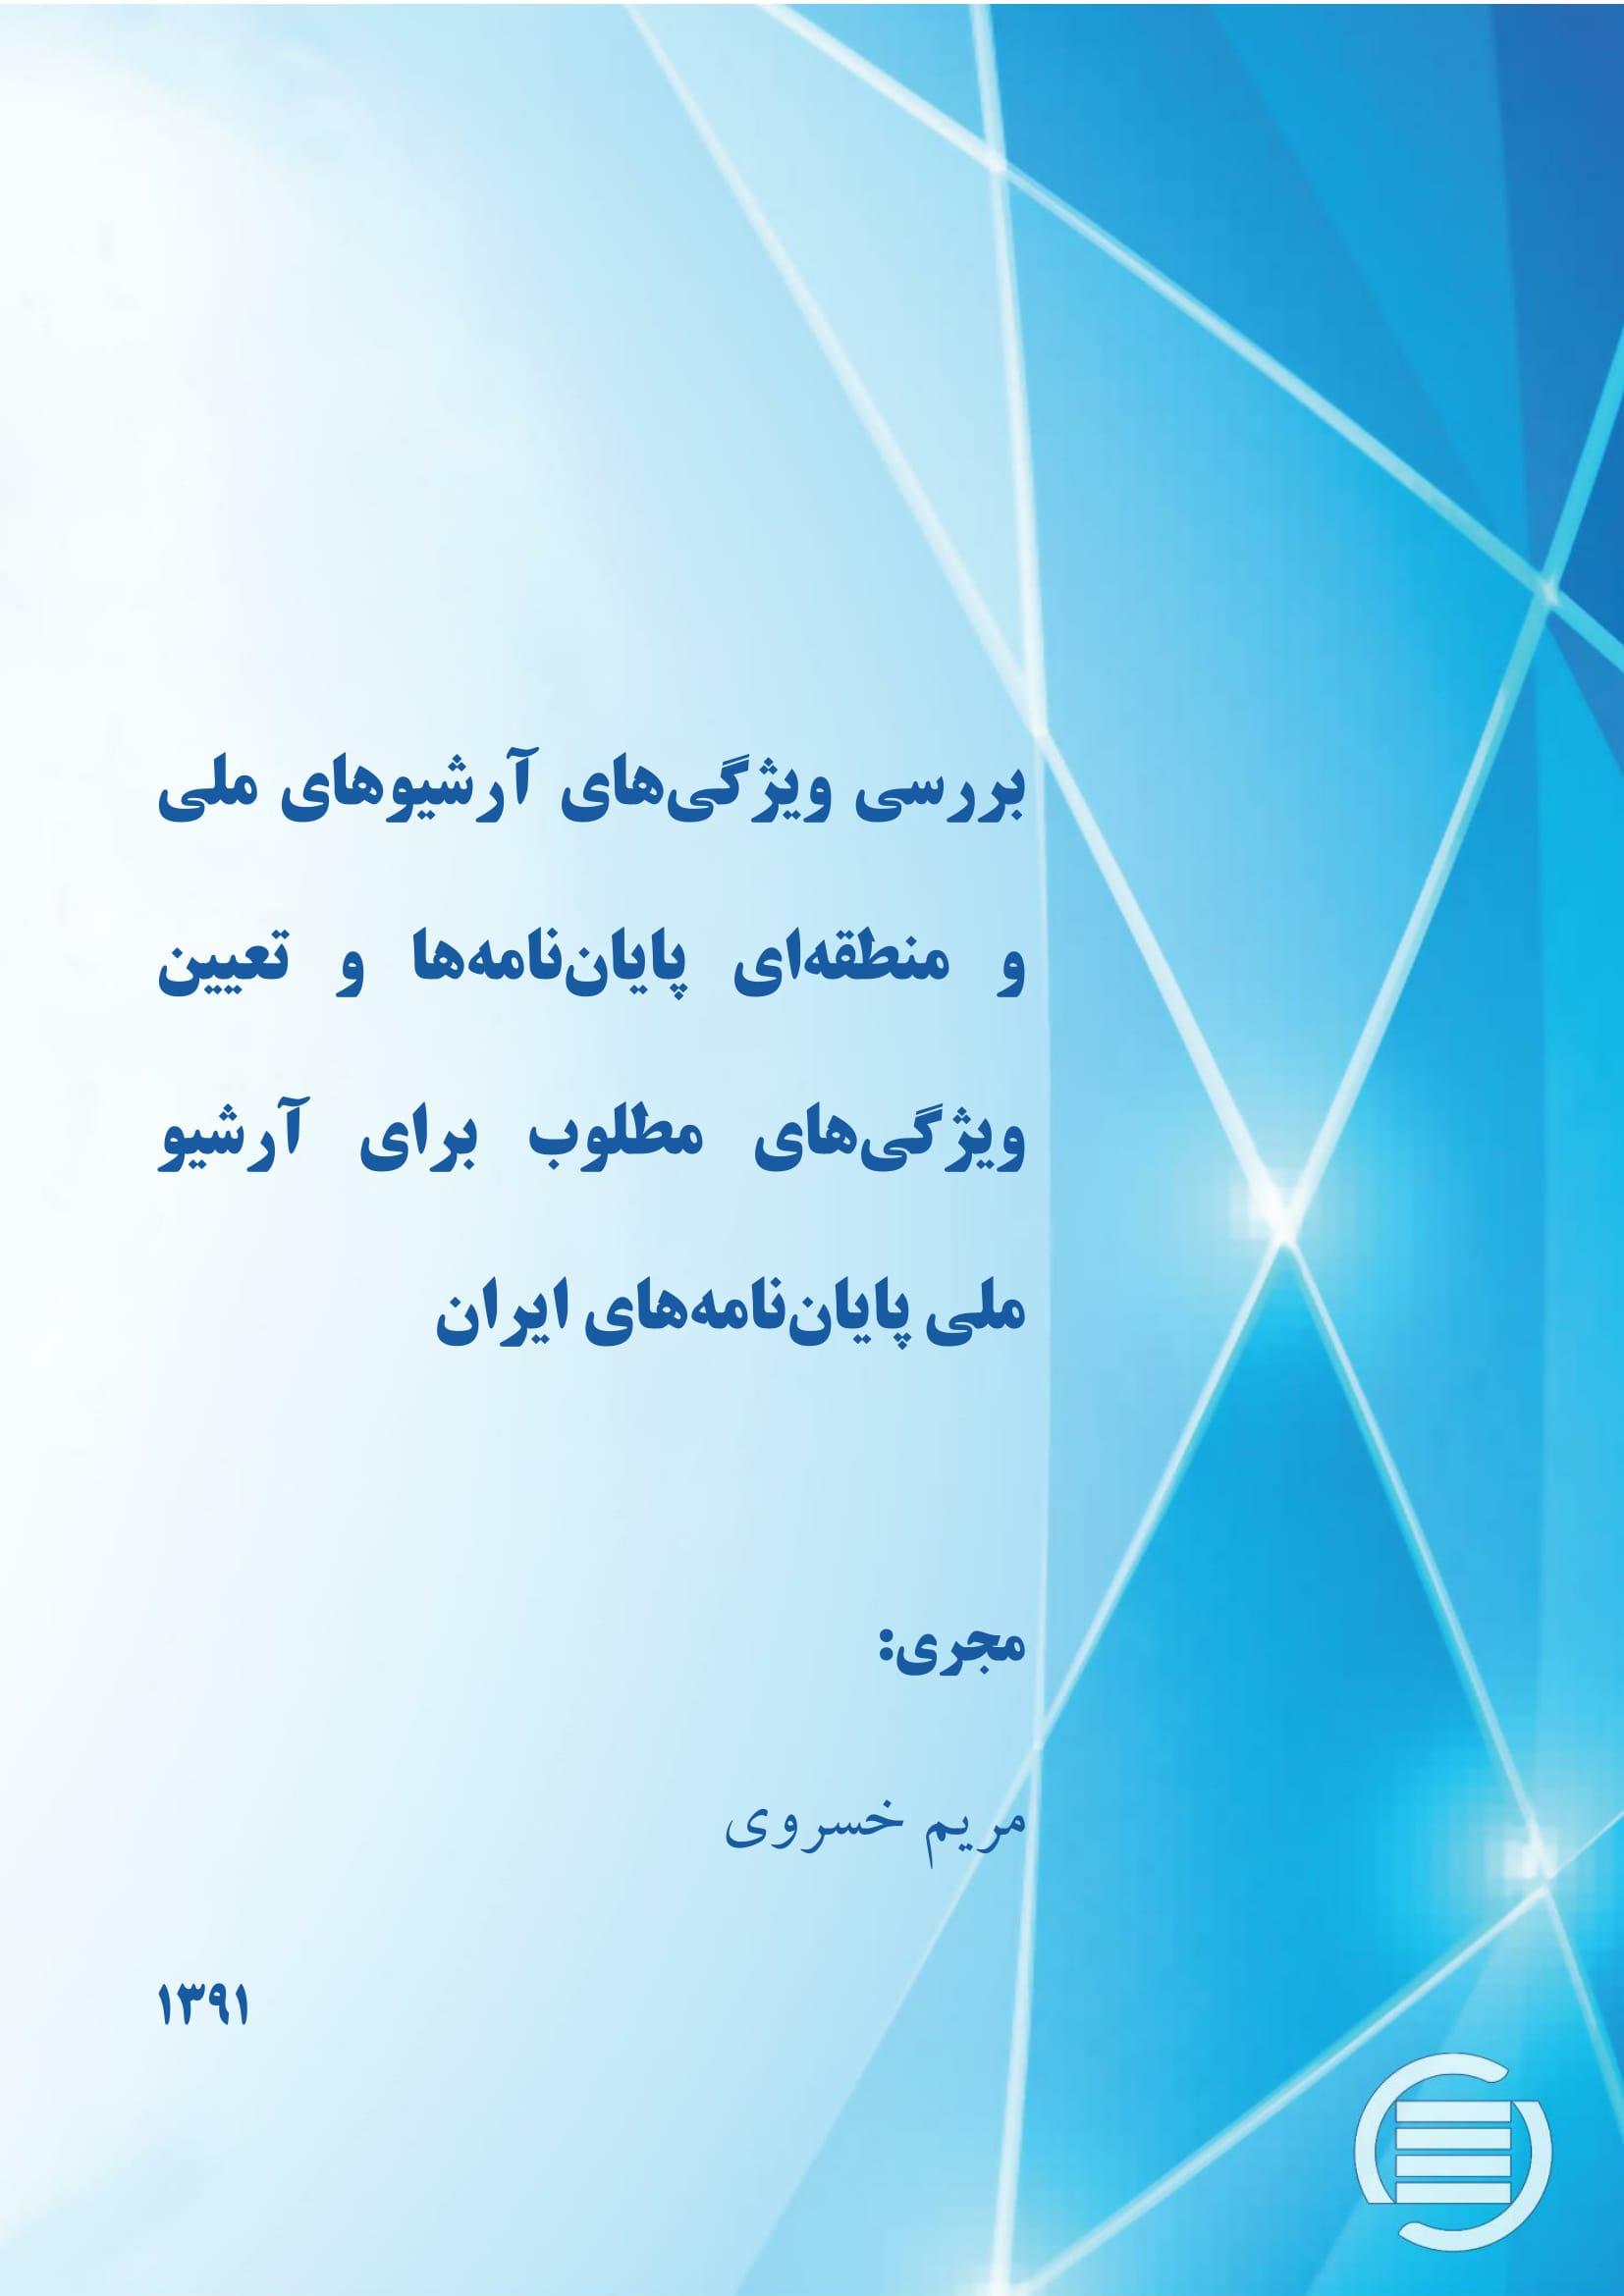 بررسی ویژگیهای آرشیوهای ملی و منطقهای پایاننامهها و تعیین ویژگیهای مطلوب برای آرشیو ملی پایاننامههای ایران